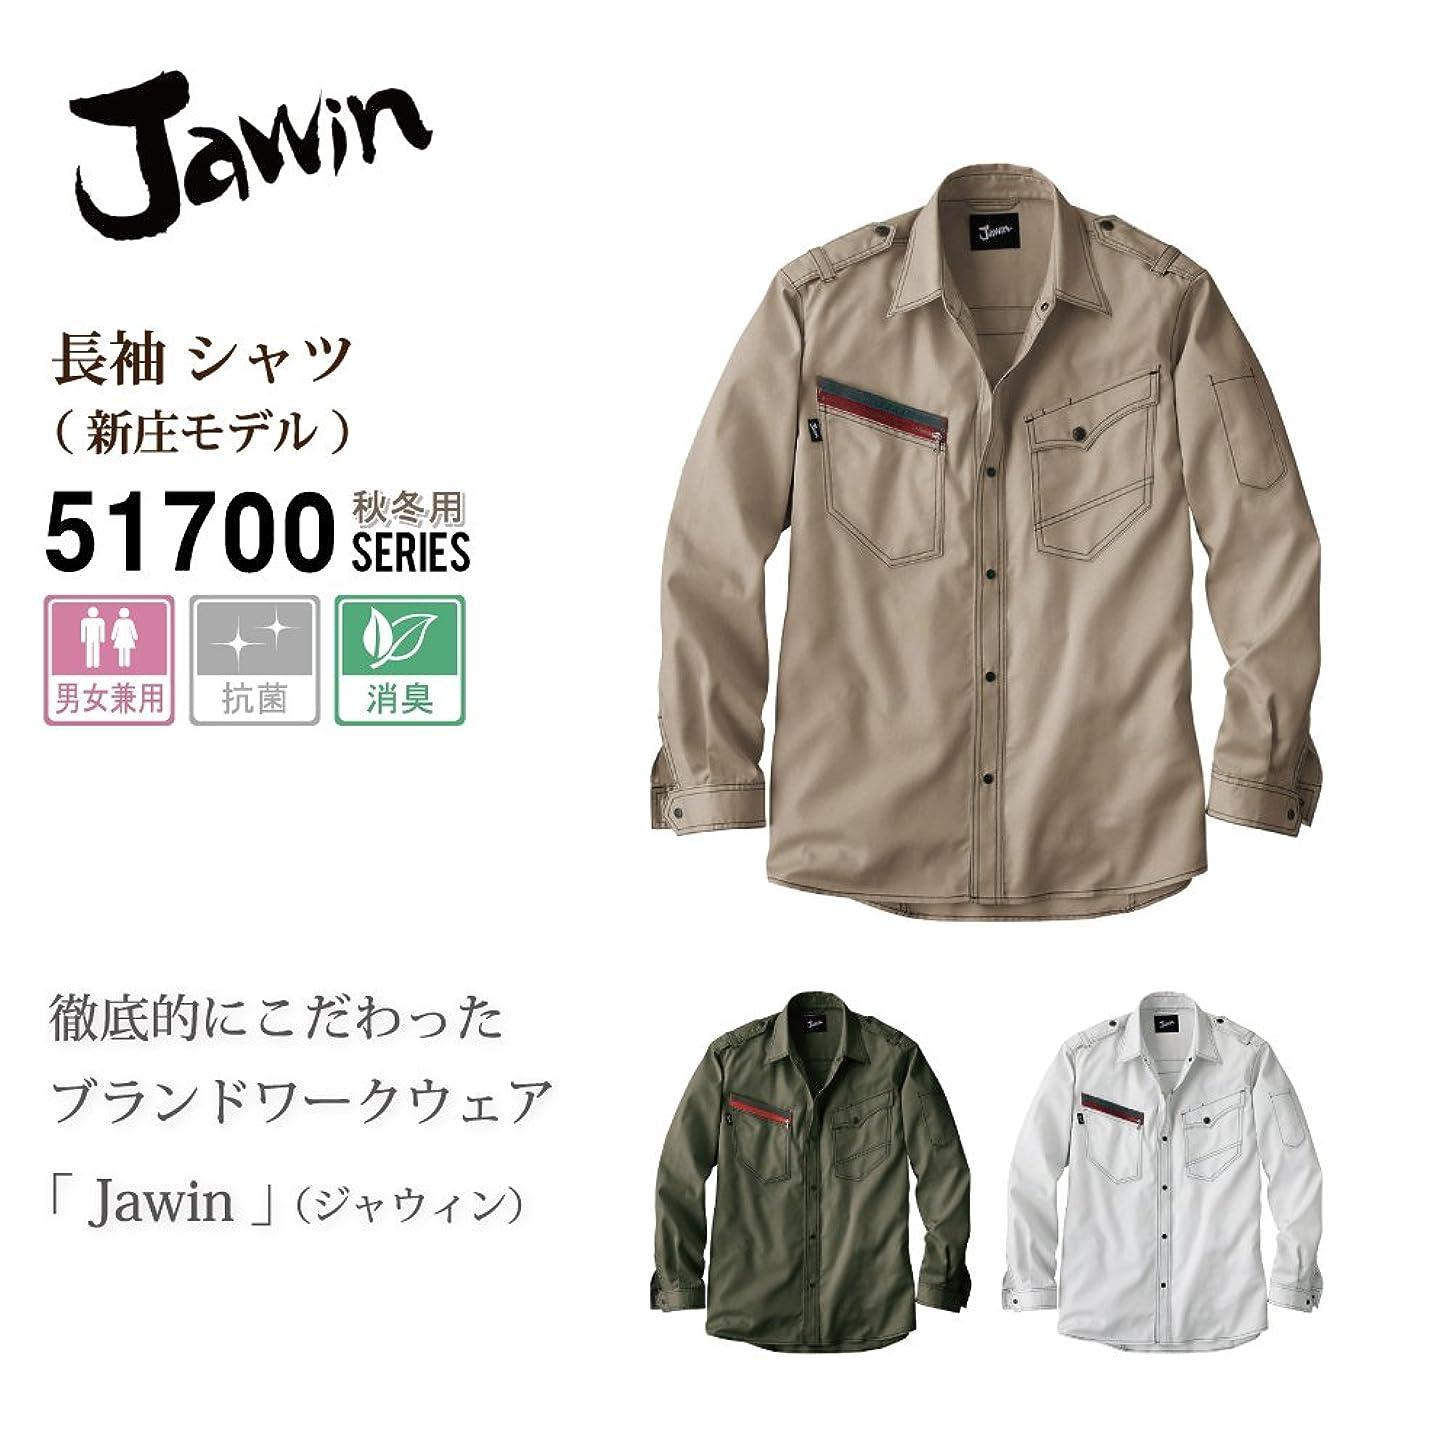 ファックスメディックフィルタ自重堂 Jawin 長袖シャツ 51704 サンドベージュ LLサイズ